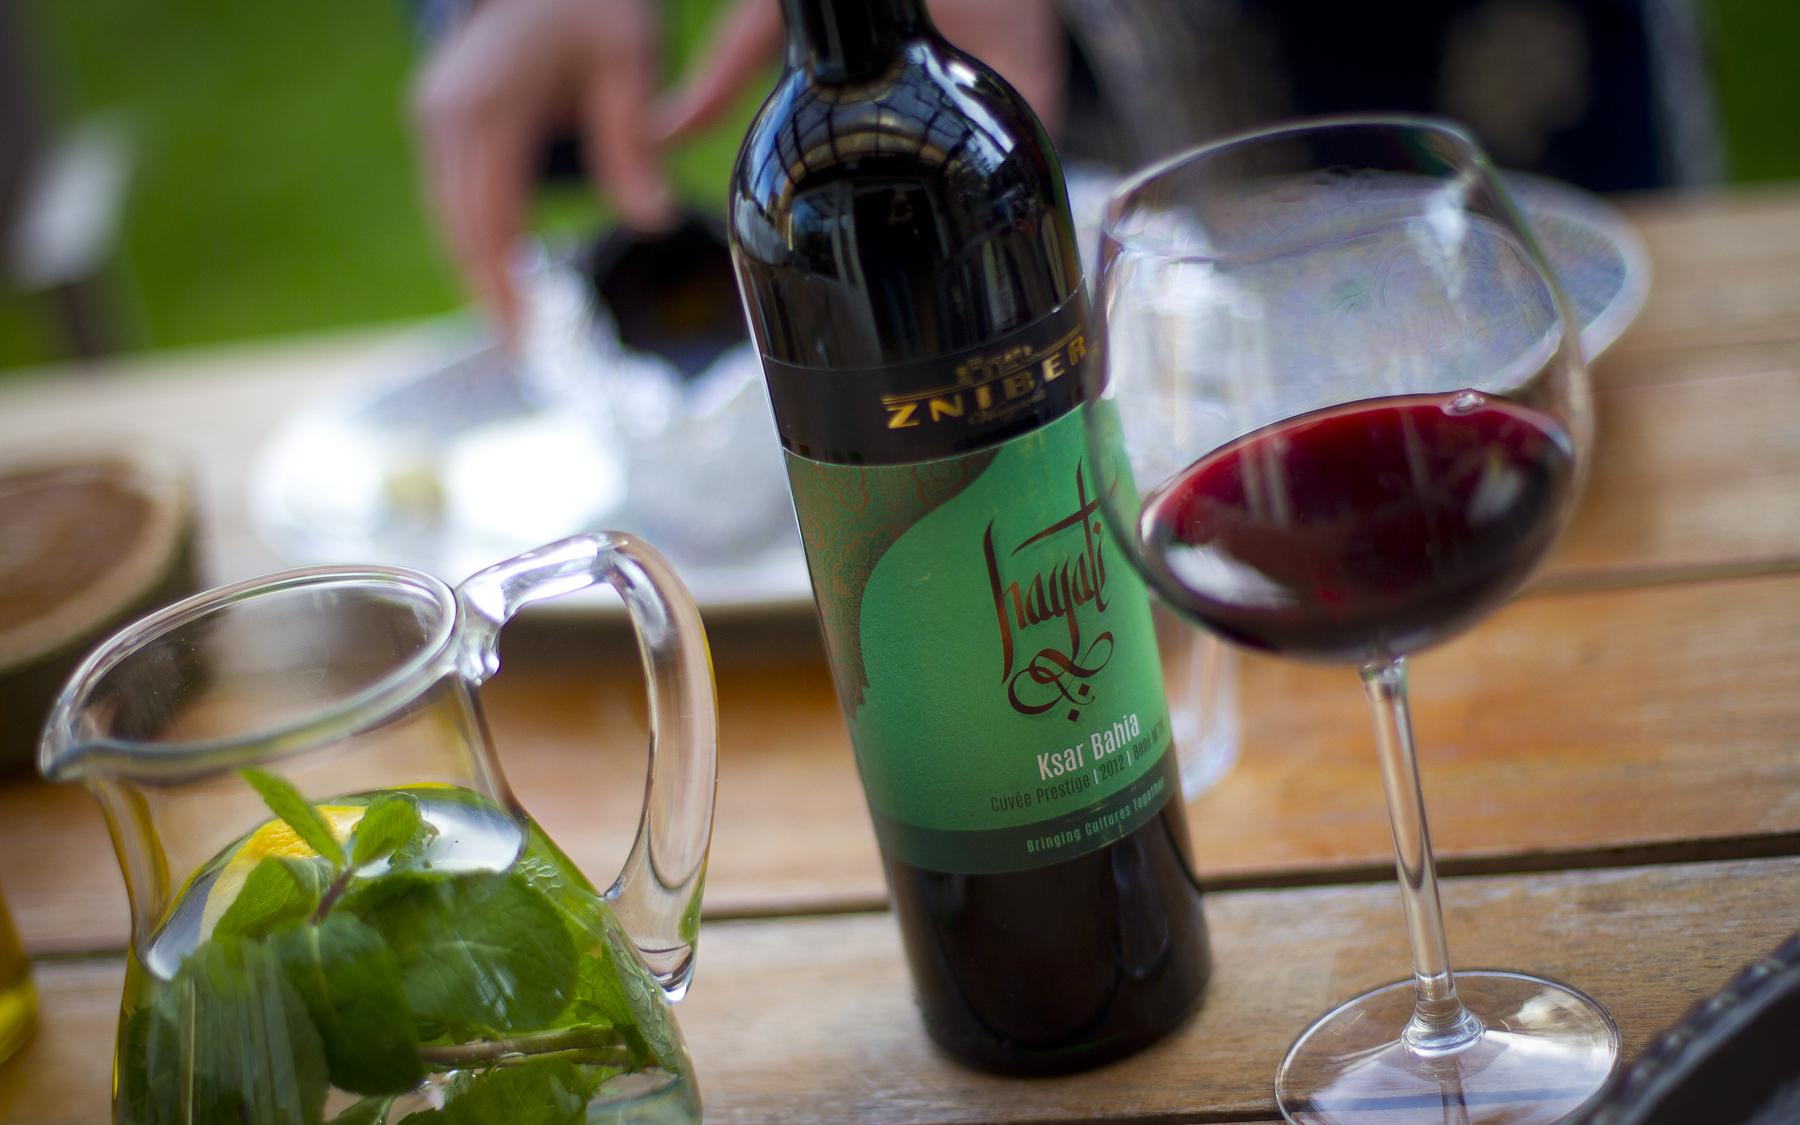 arabische wijnen